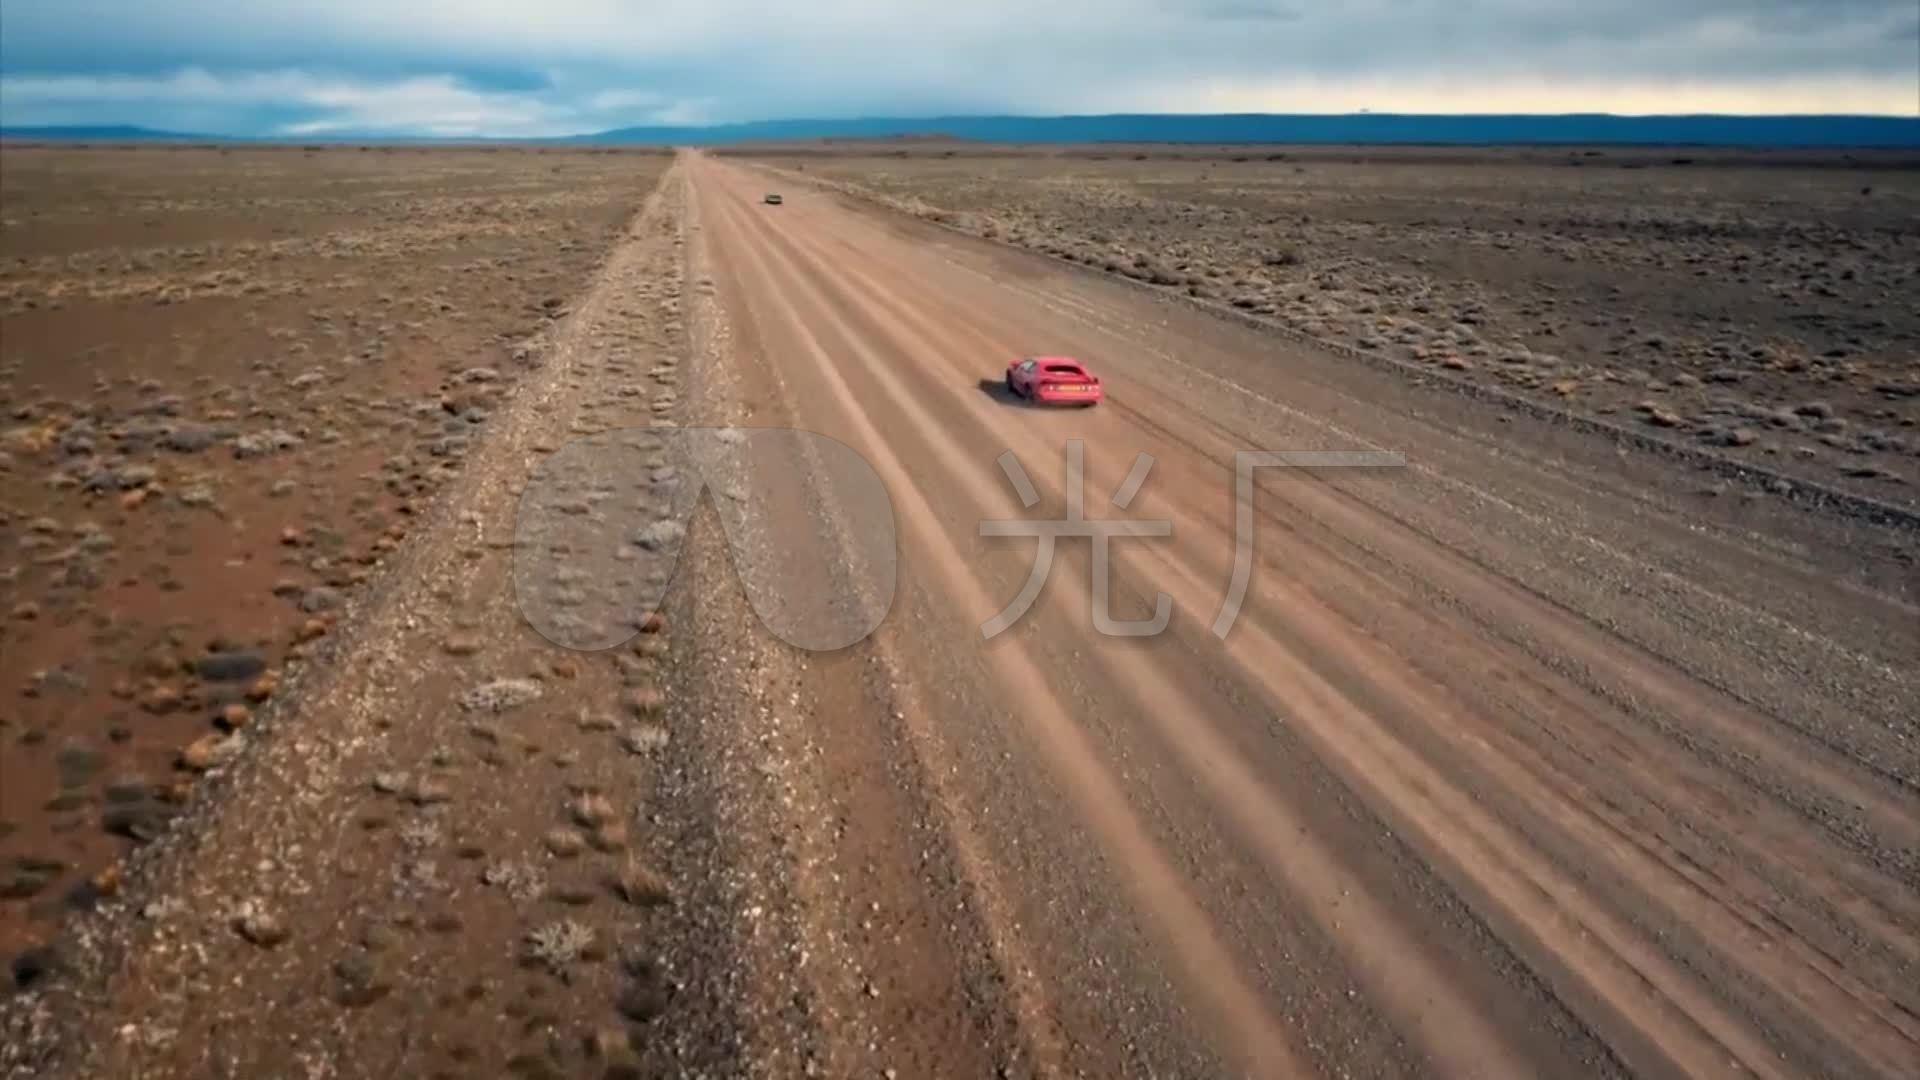 航拍戈壁滩素材沙漠越野视频公路_航拍视频_跑车赛车乌海图片